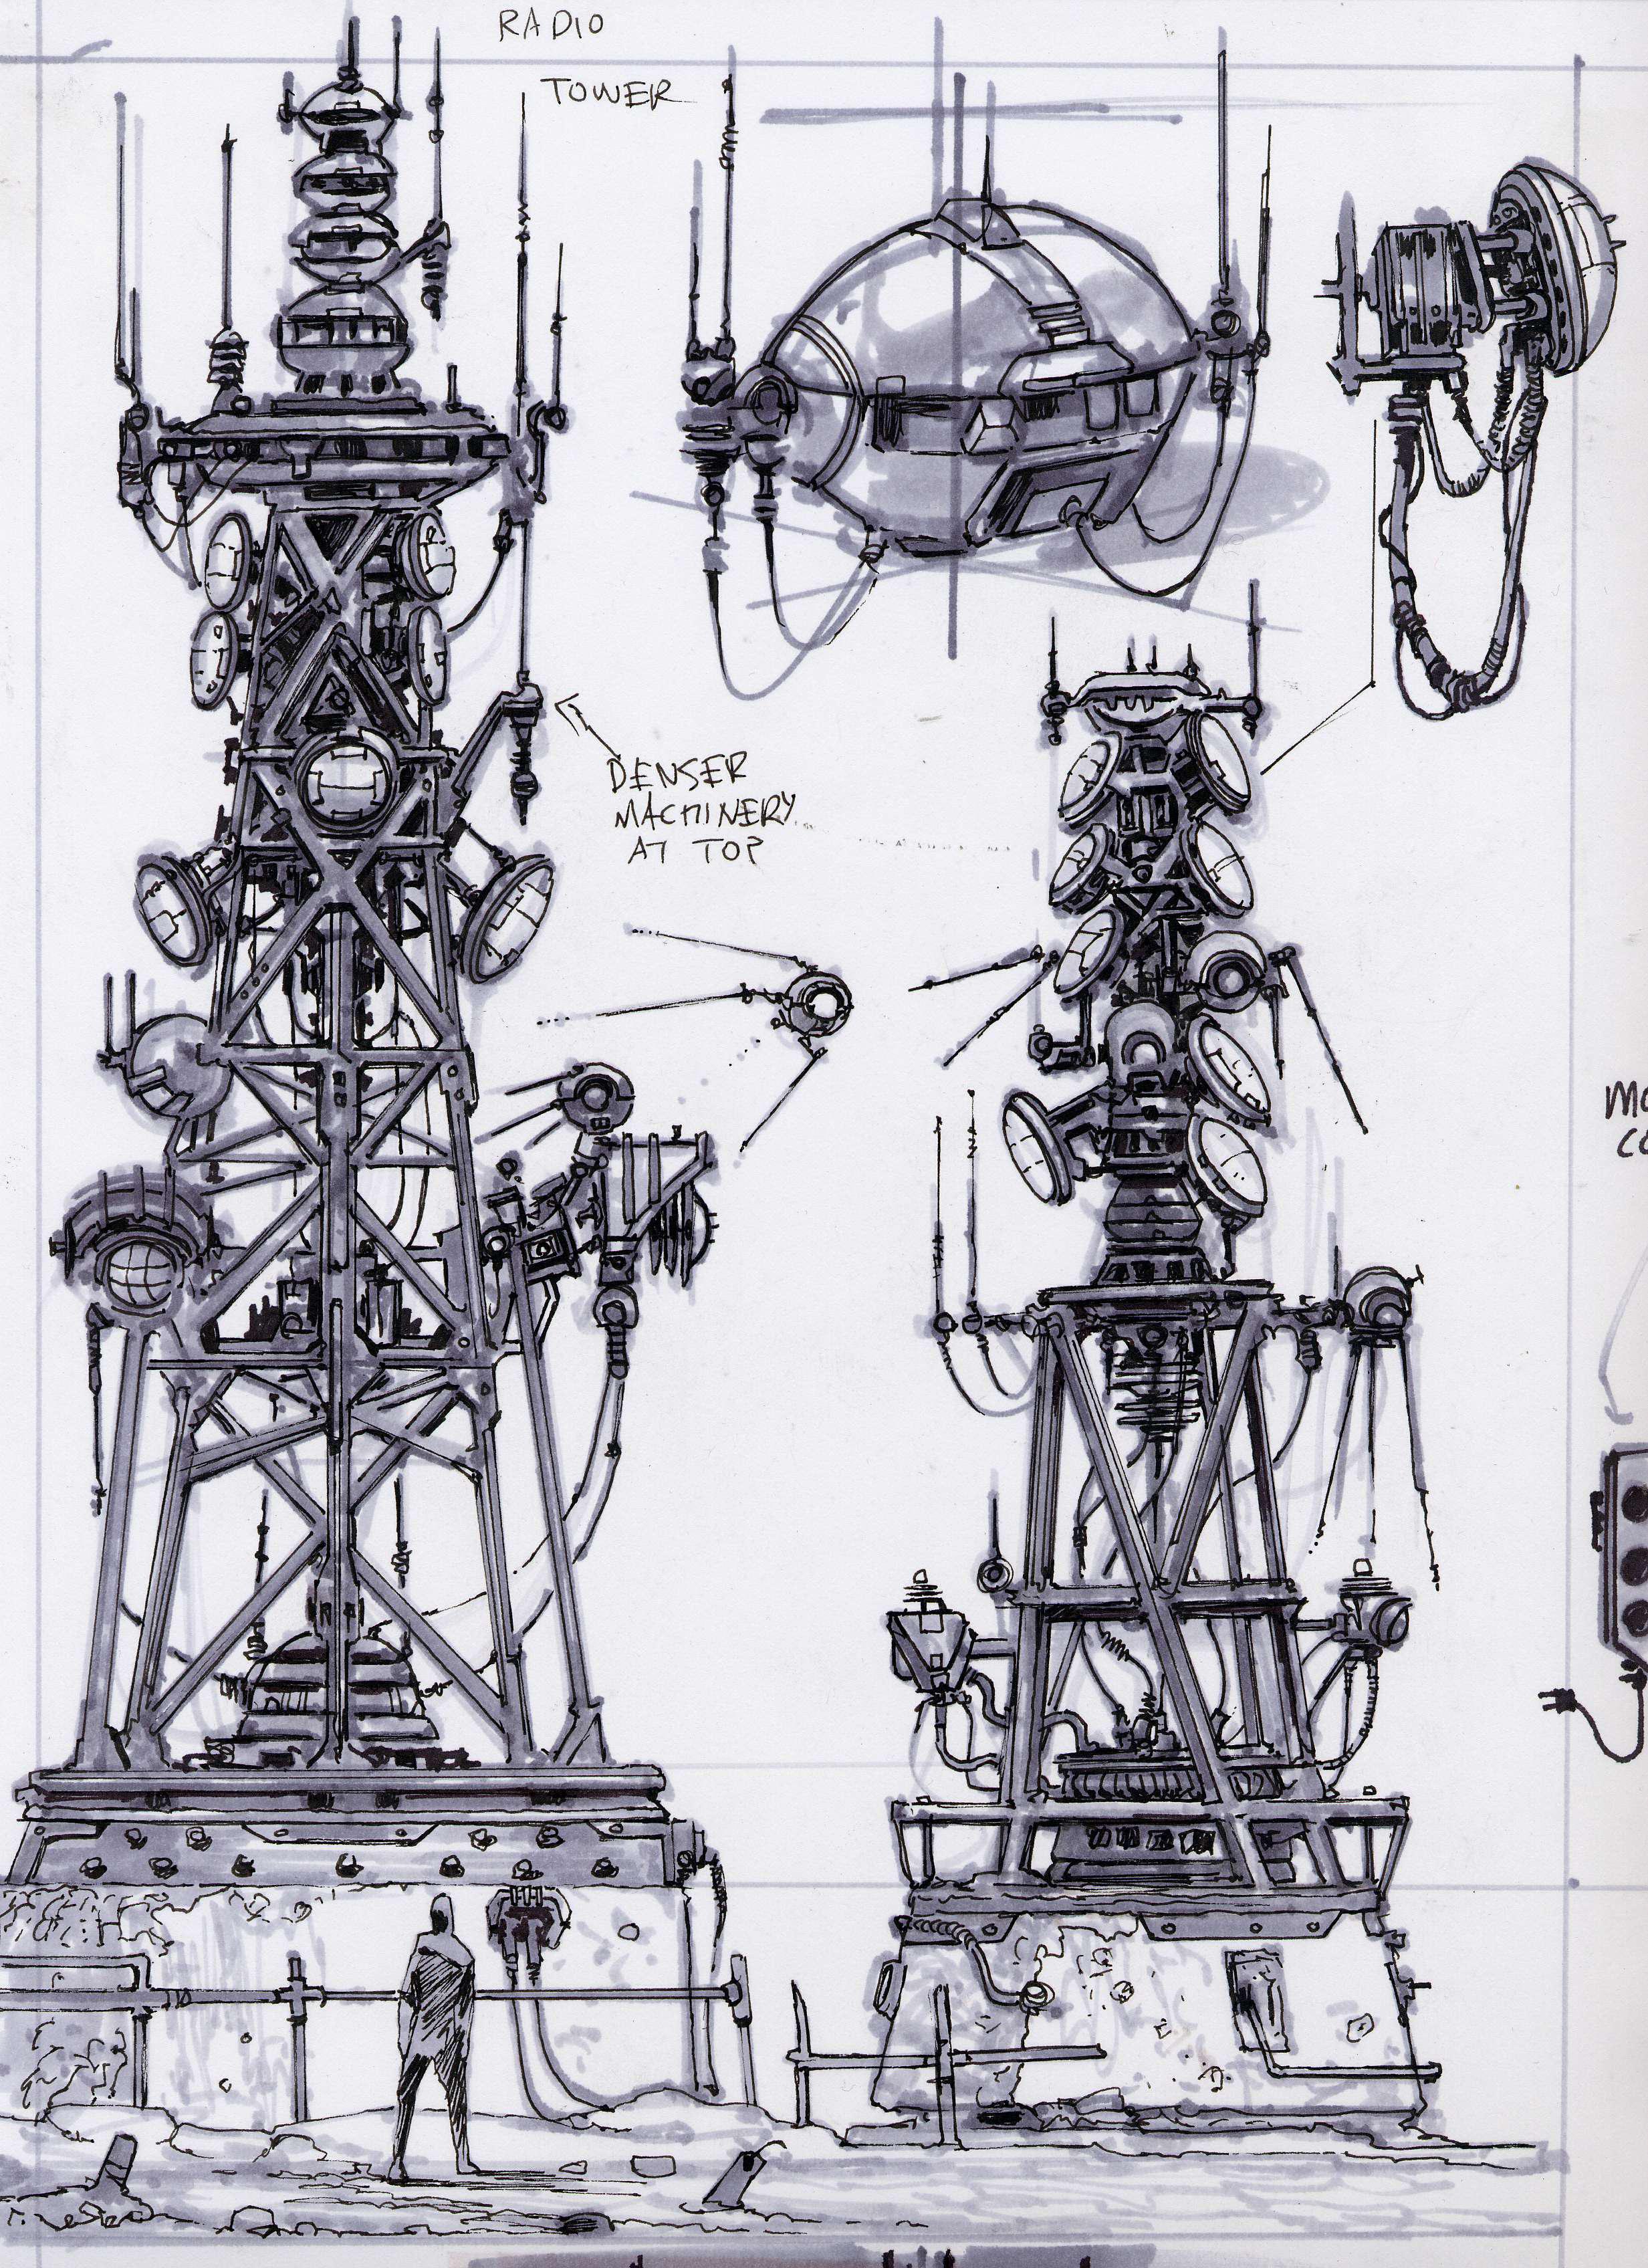 Radio Tower CA1